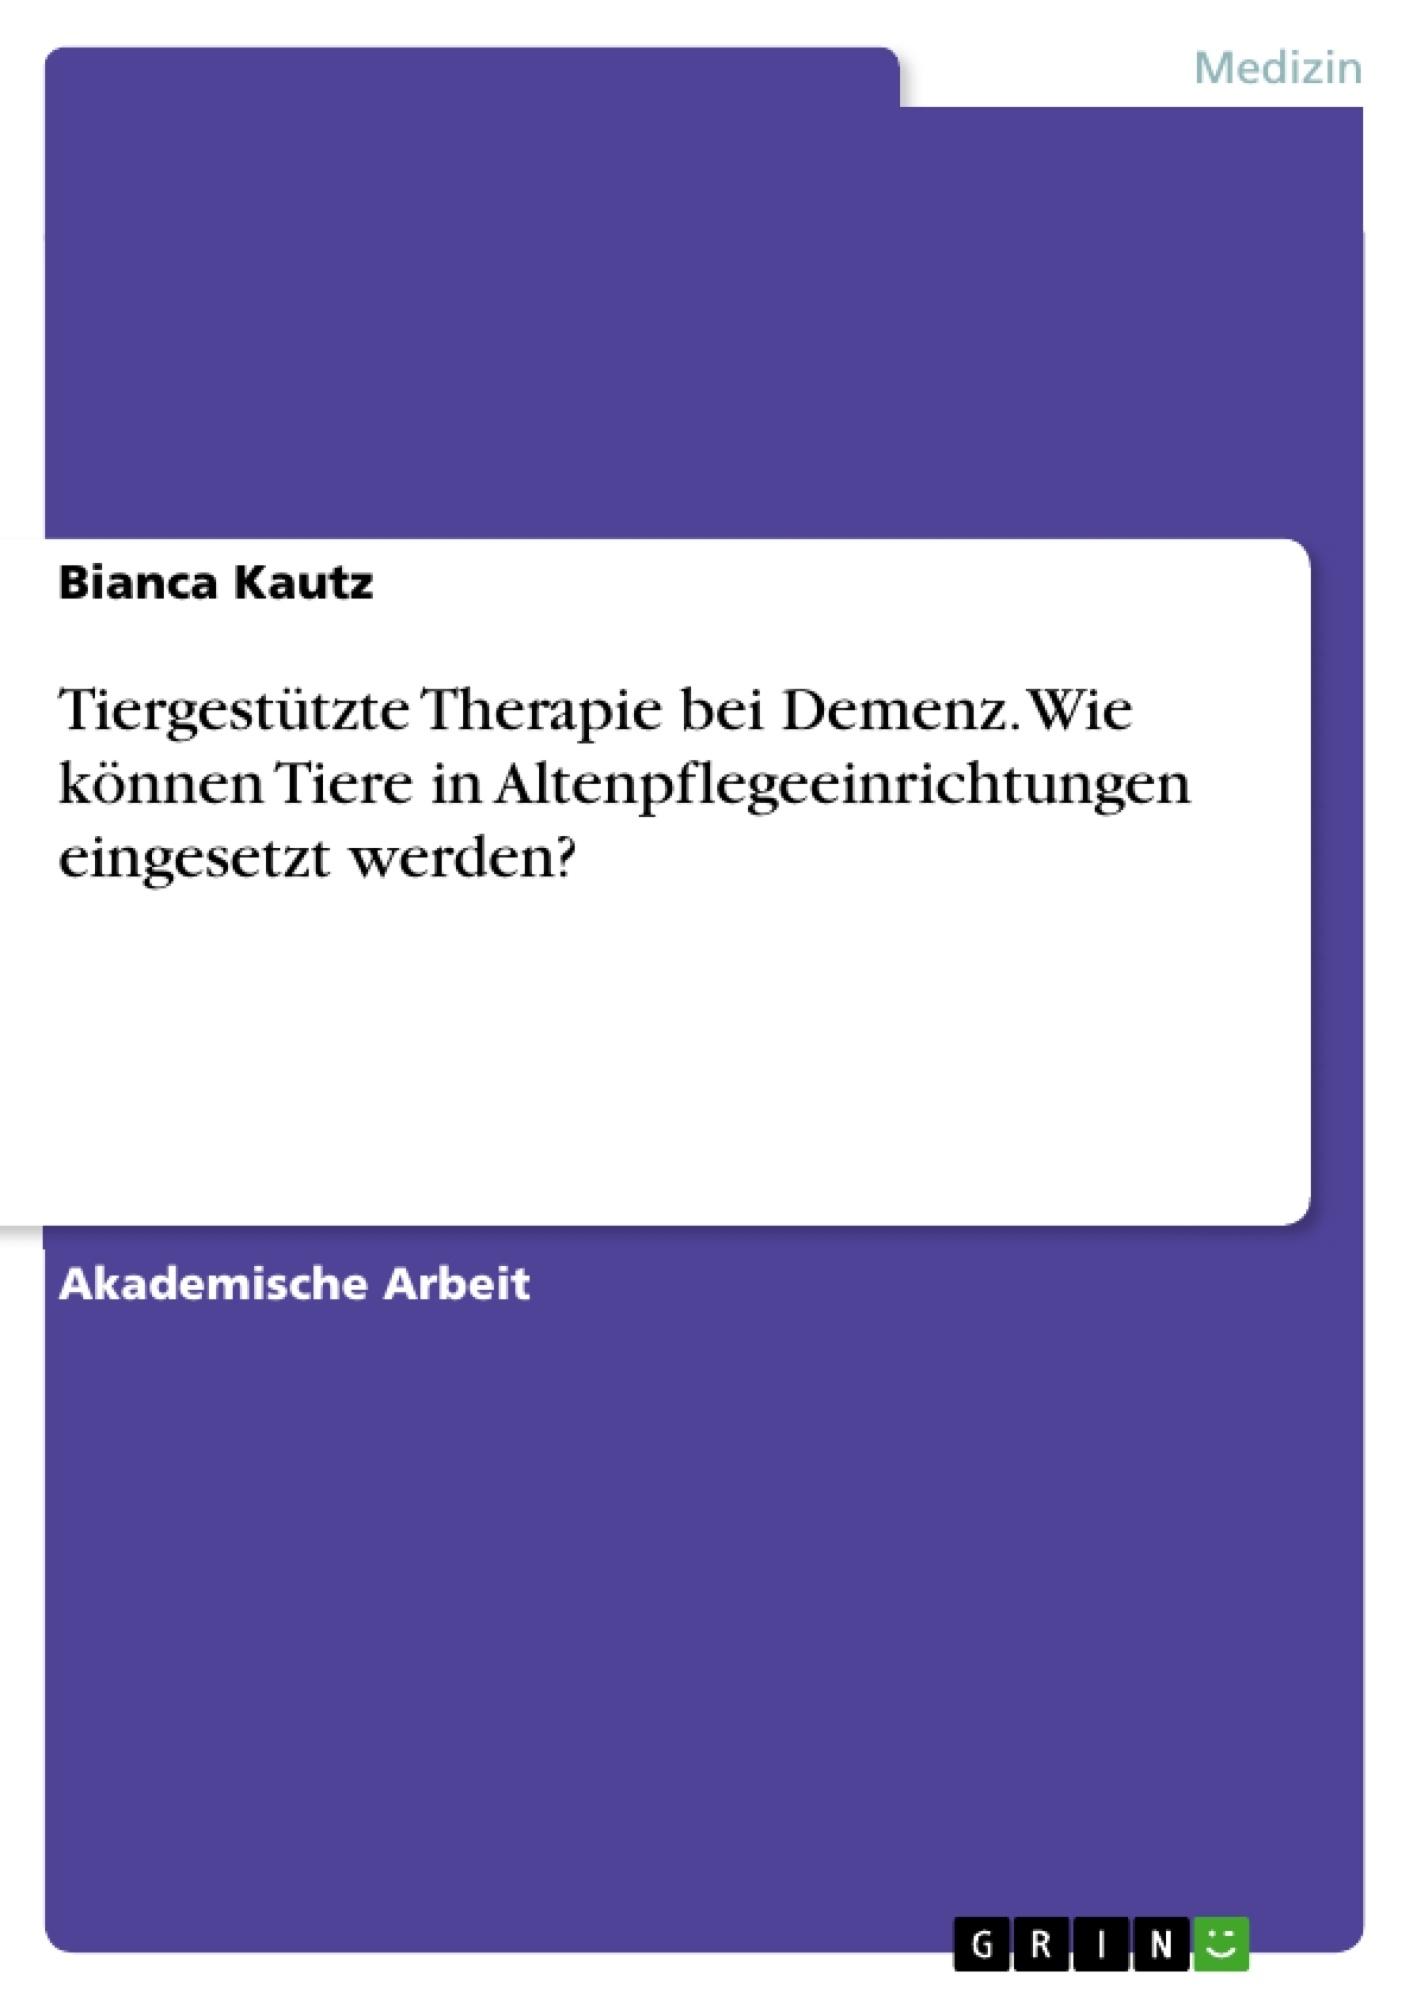 Titel: Tiergestützte Therapie bei Demenz. Wie können Tiere in Altenpflegeeinrichtungen eingesetzt werden?